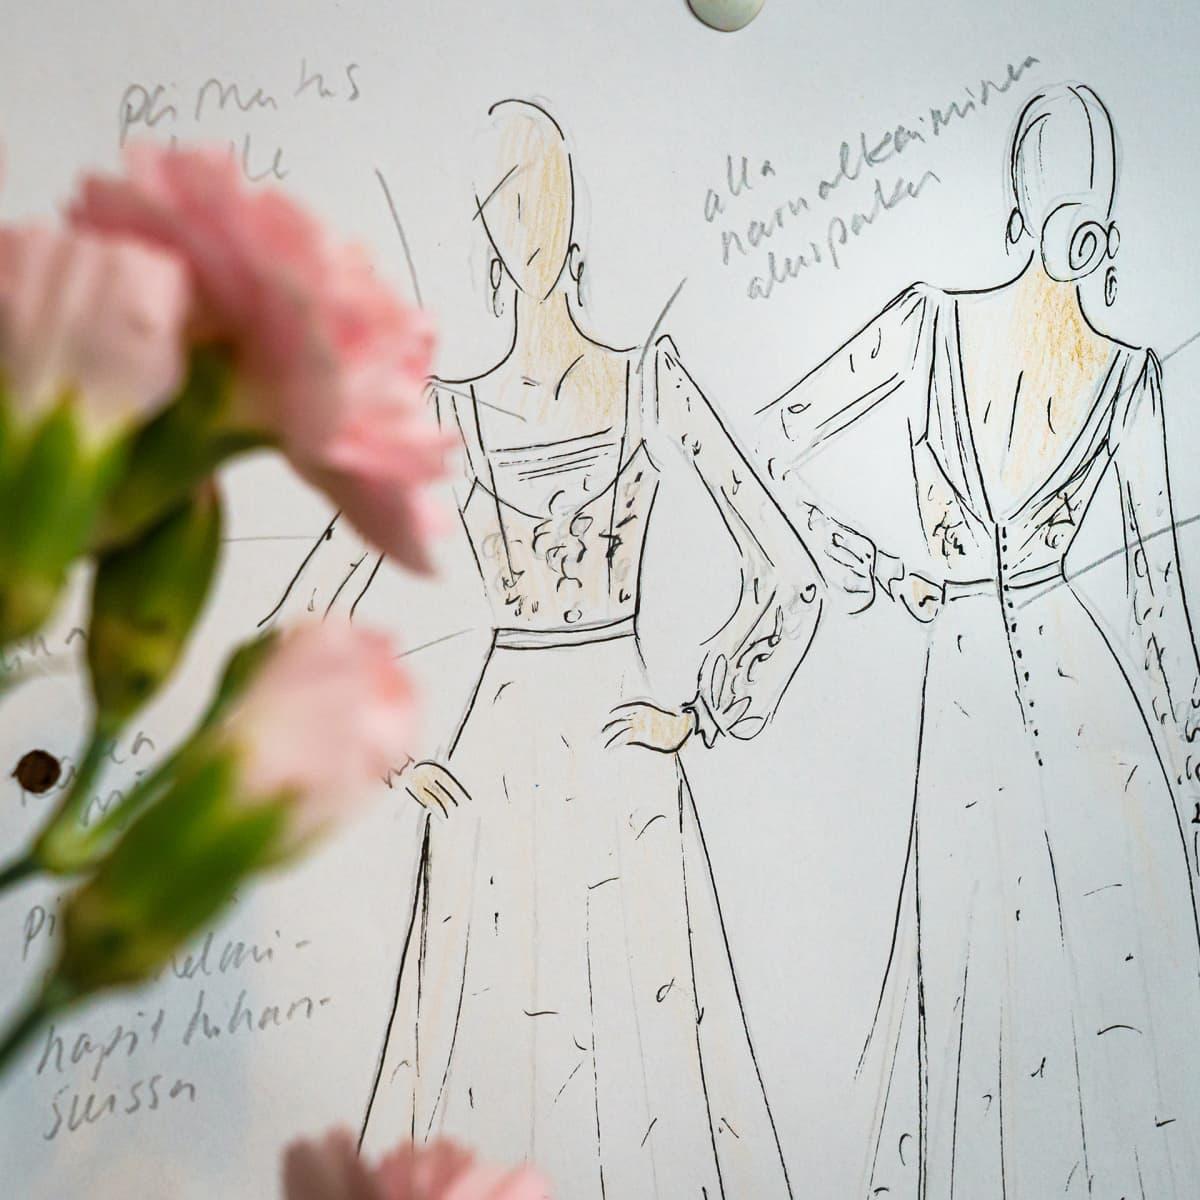 Hääpukusuunnittelija Lara Hyvin luonnospiirustuksia, etualalla vaaleanpunaisia kukkia.